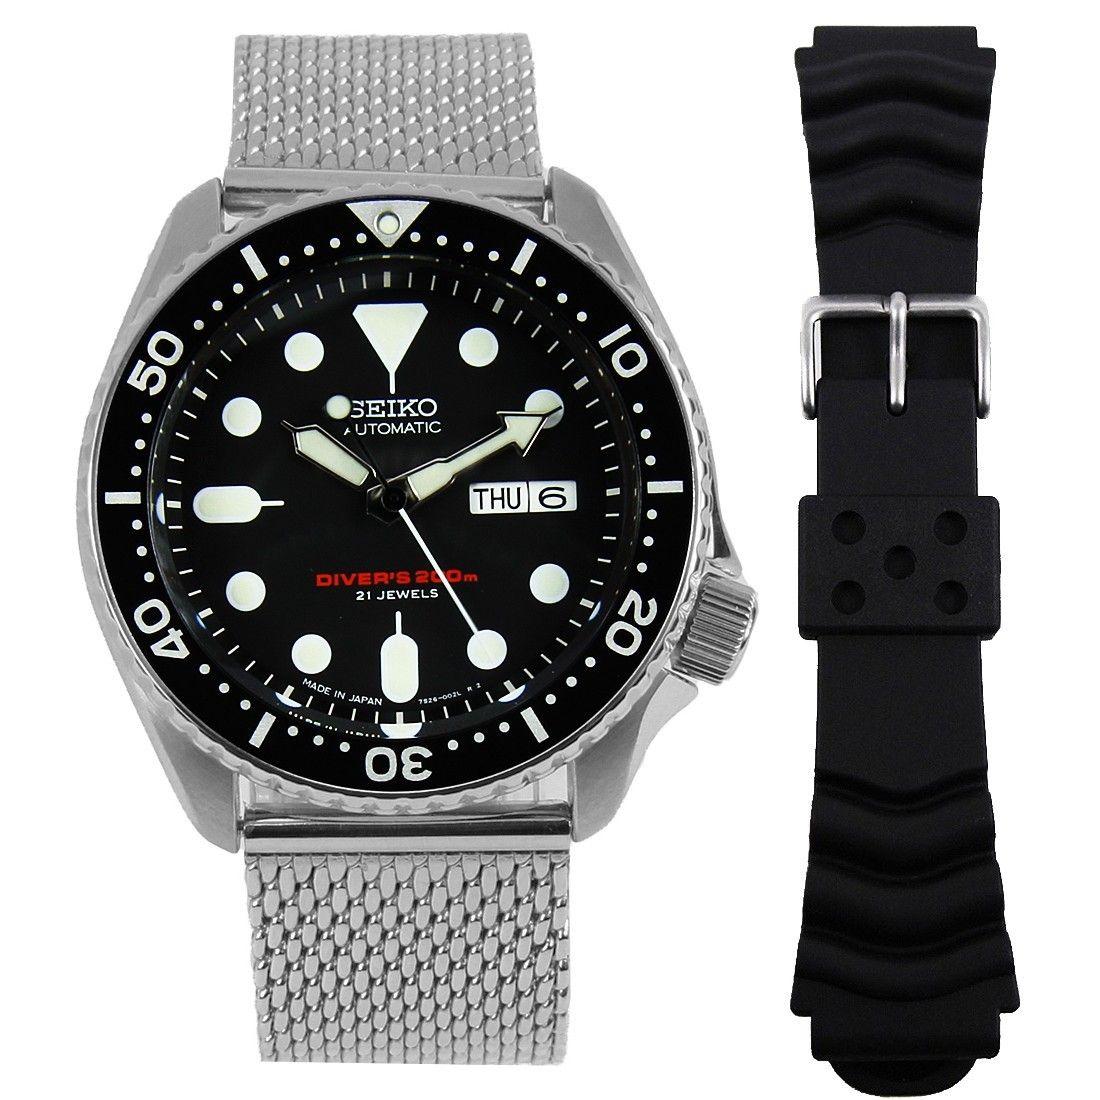 SKX007J1 22AMESHS Seiko Watch w/ Extra Strap Seiko